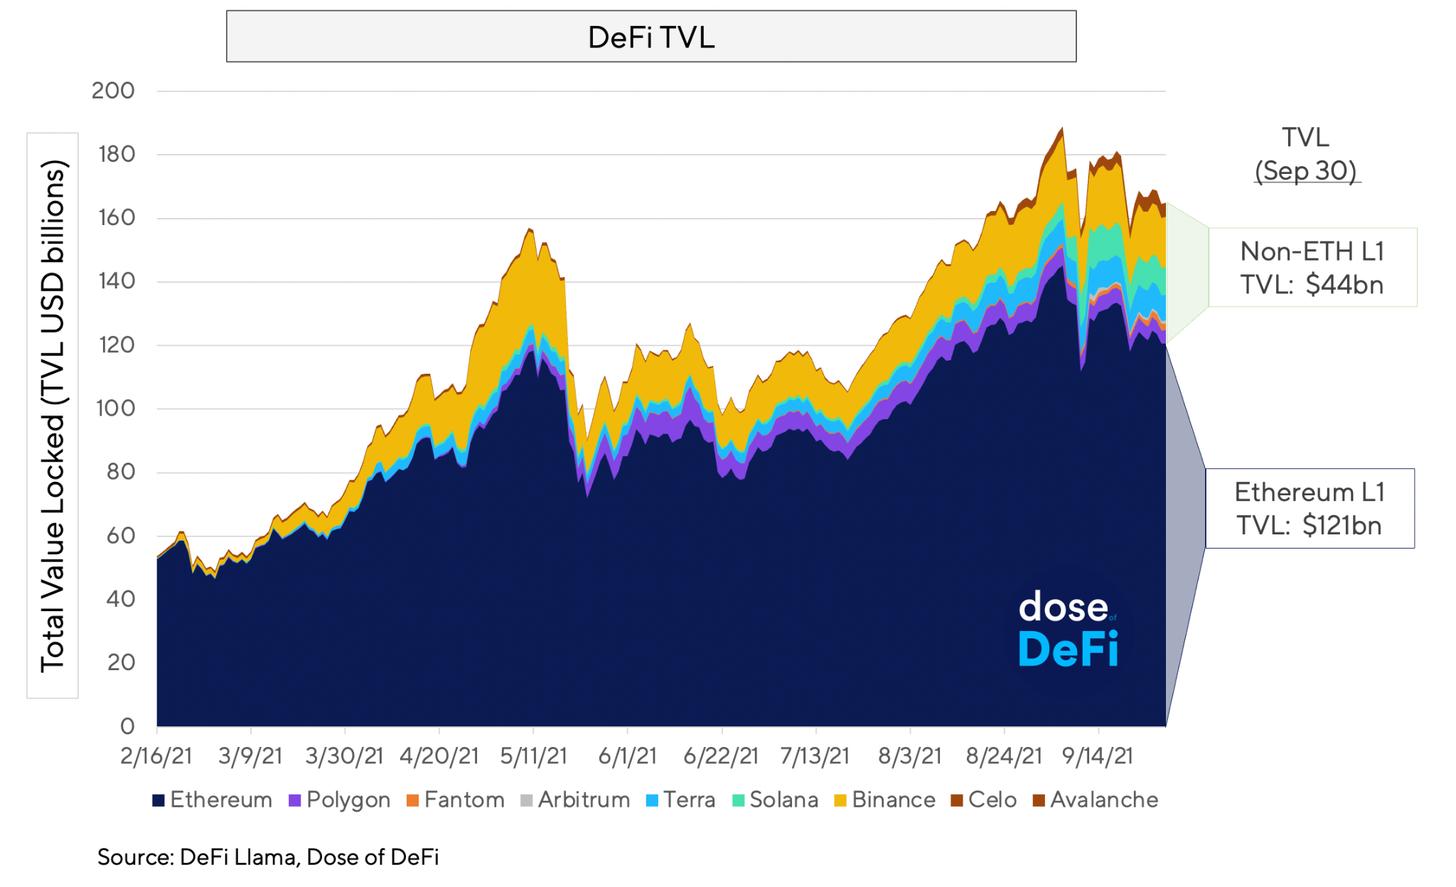 Comparaison de la TVL d'Ethereum avec celle des autres chaines